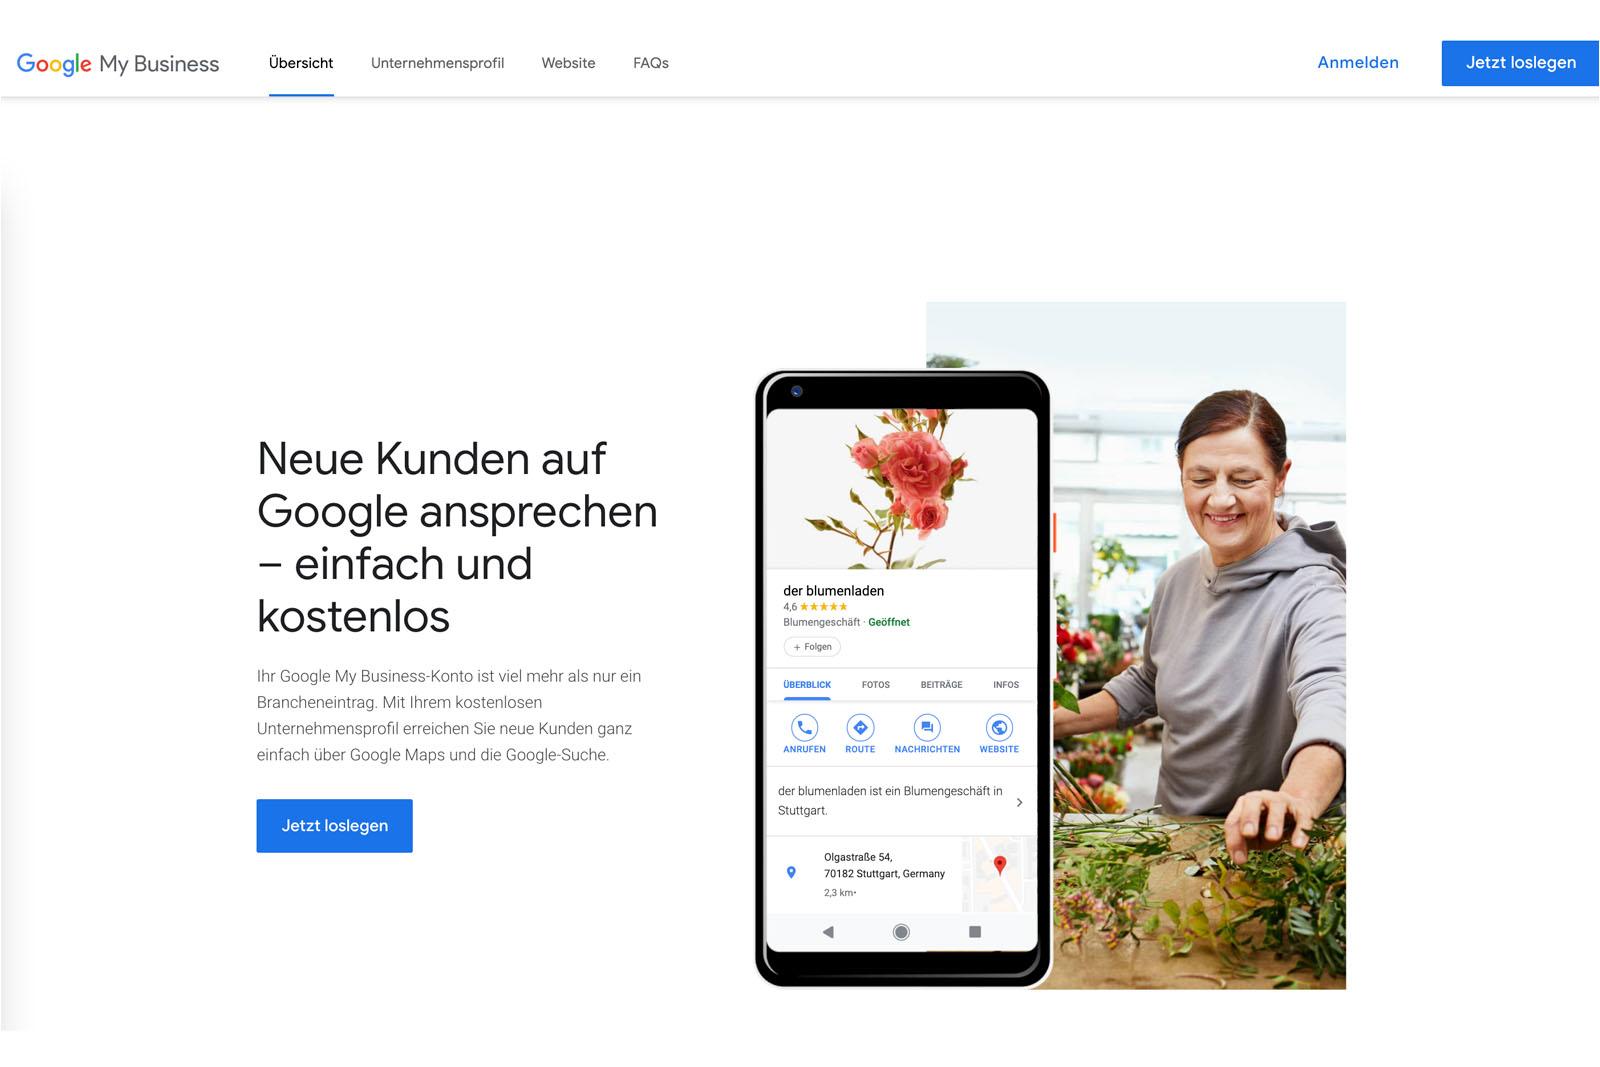 Google My Business Eintrag - Anmeldung